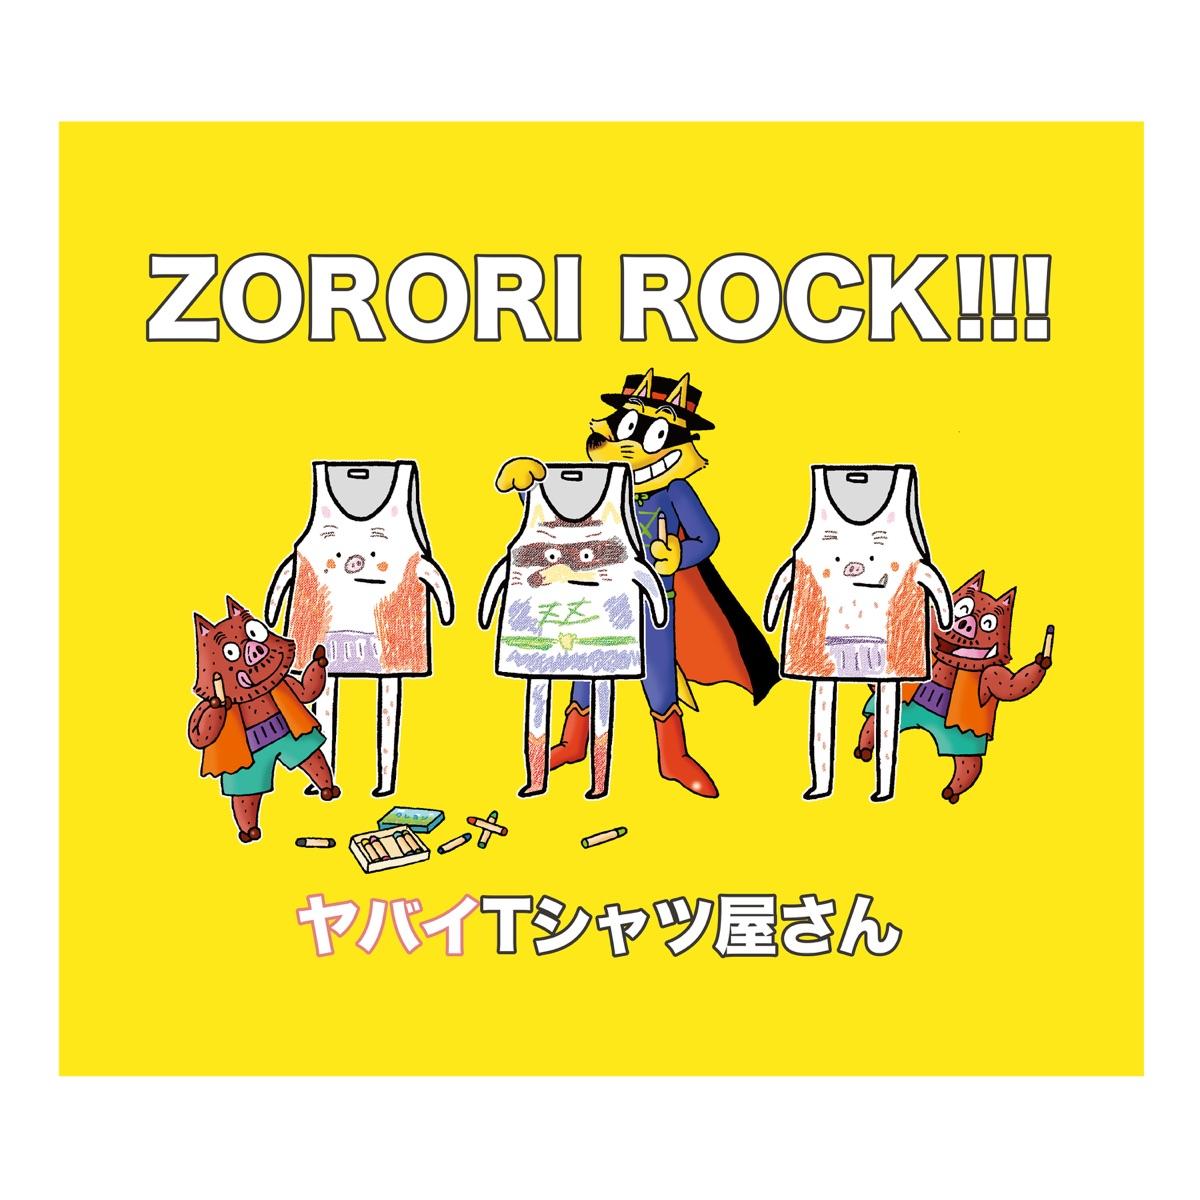 『ヤバイTシャツ屋さん - ZORORI ROCK!!!』収録の『ZORORI ROCK!!!』ジャケット